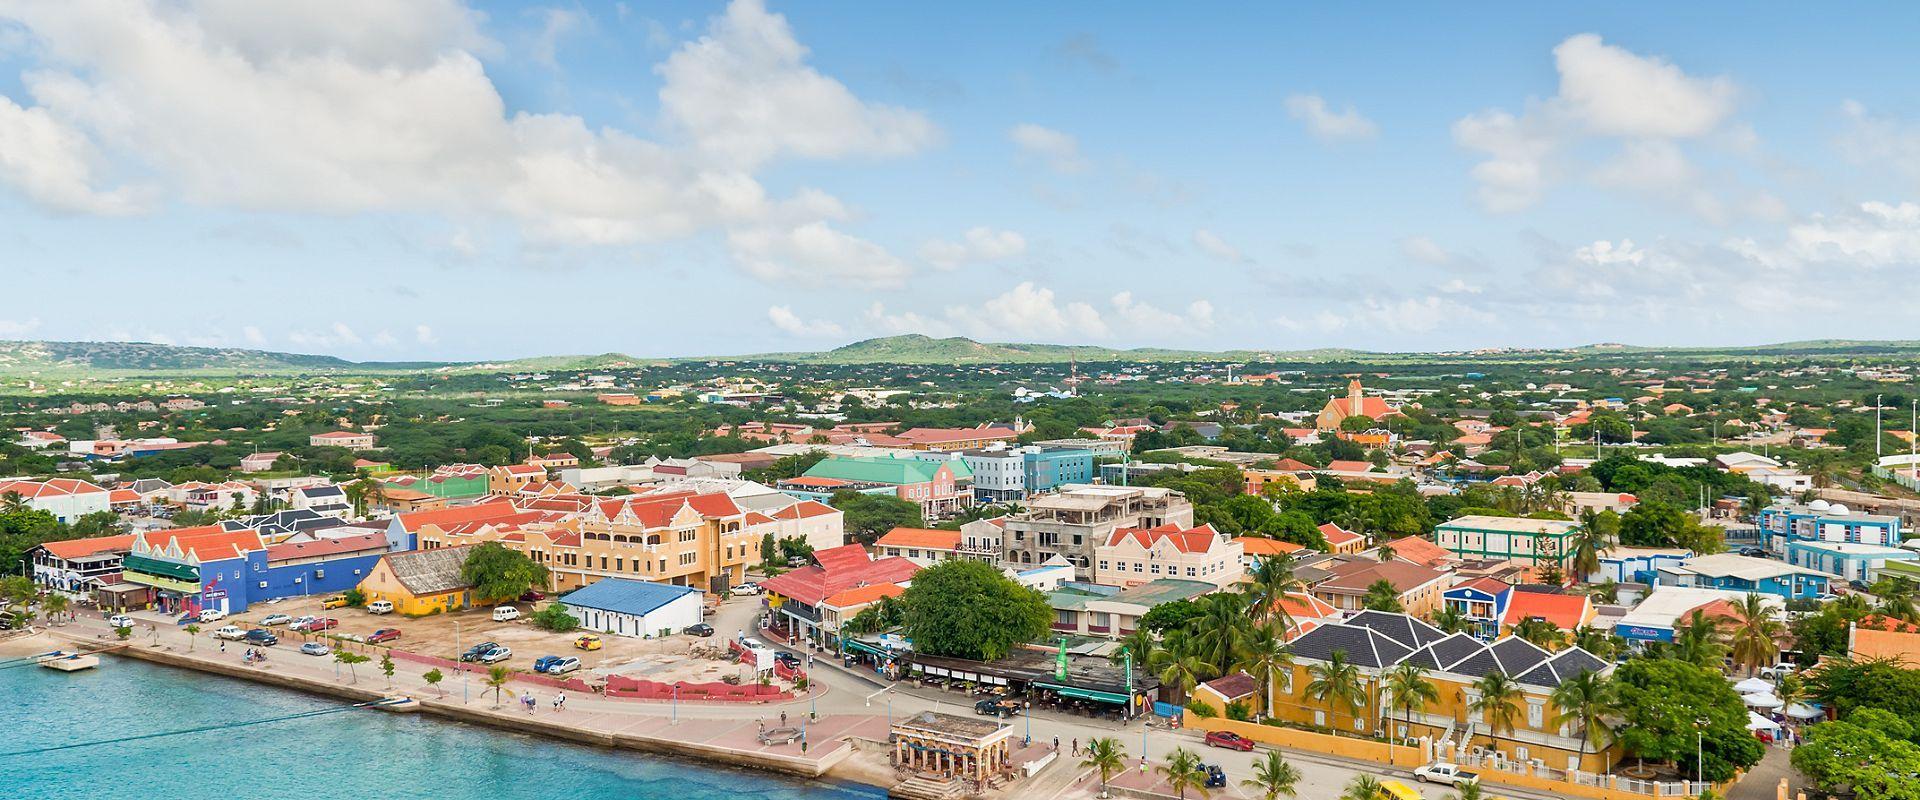 南カリブ海島巡りクルーズ 9泊10日